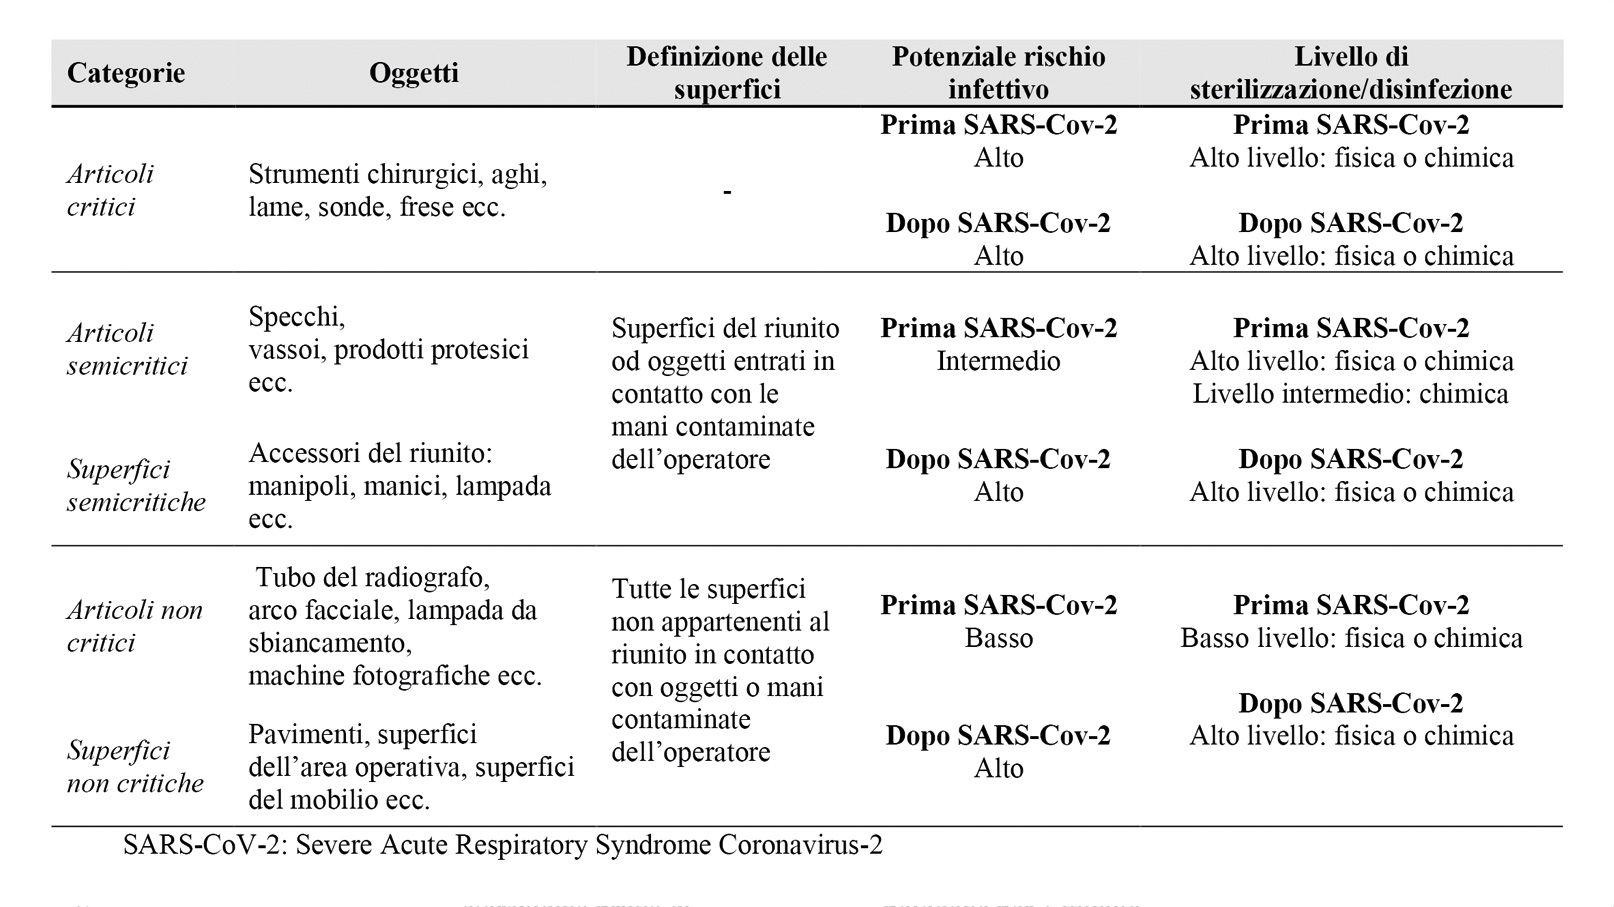 Tabella 2. Igiene di strumenti e superfici prima e dopo l'epidemia di SARS-CoV-2.